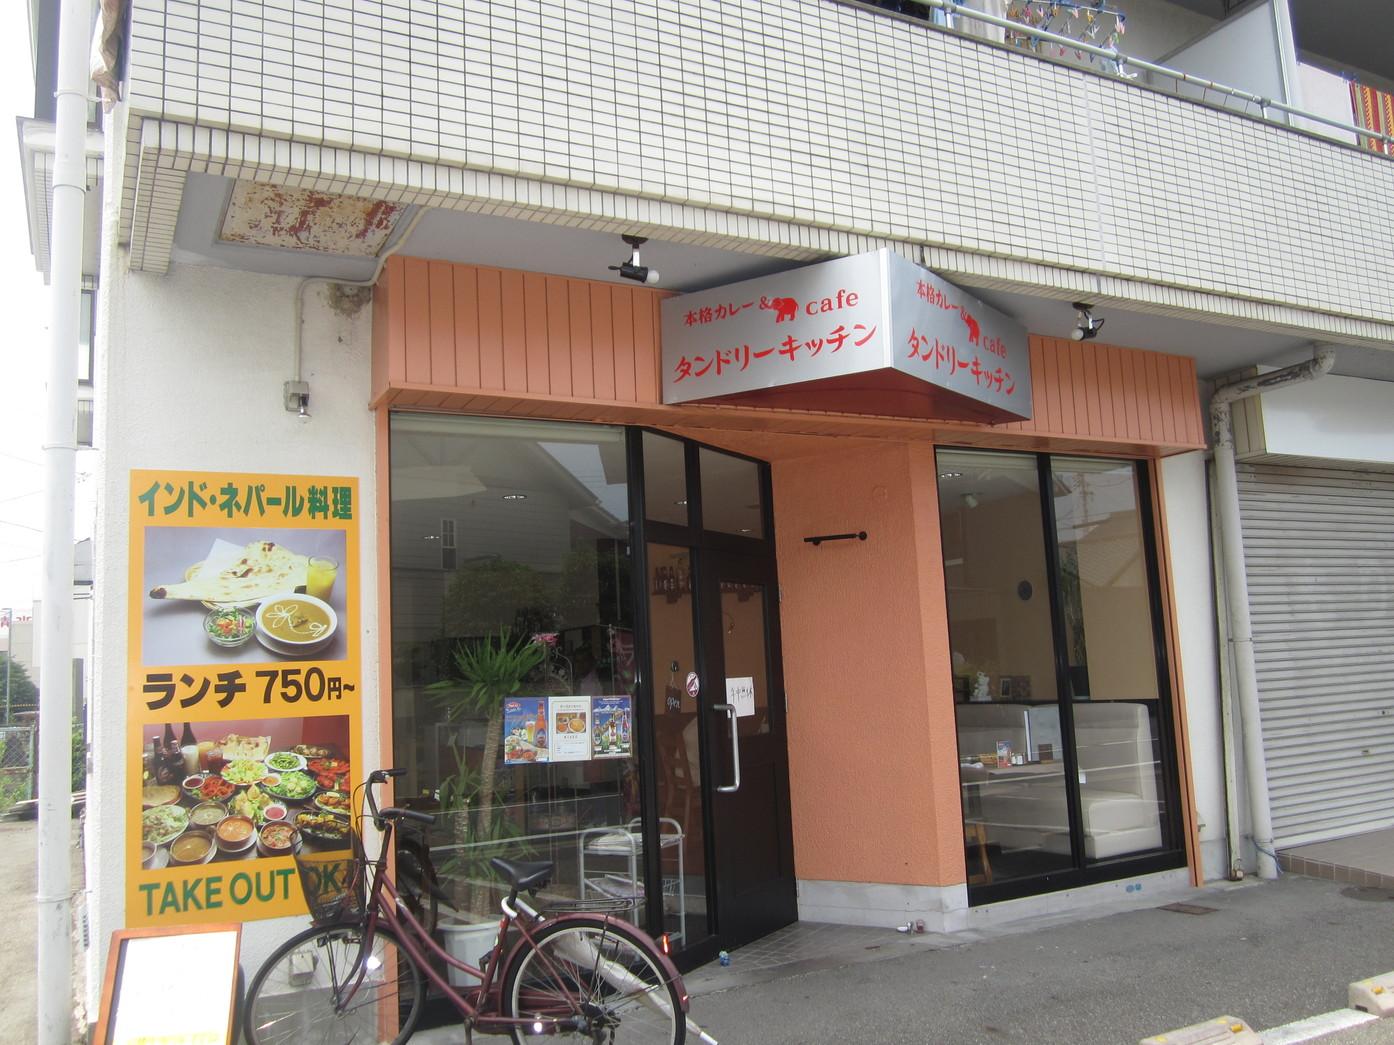 タンドリーキッチン 守山店